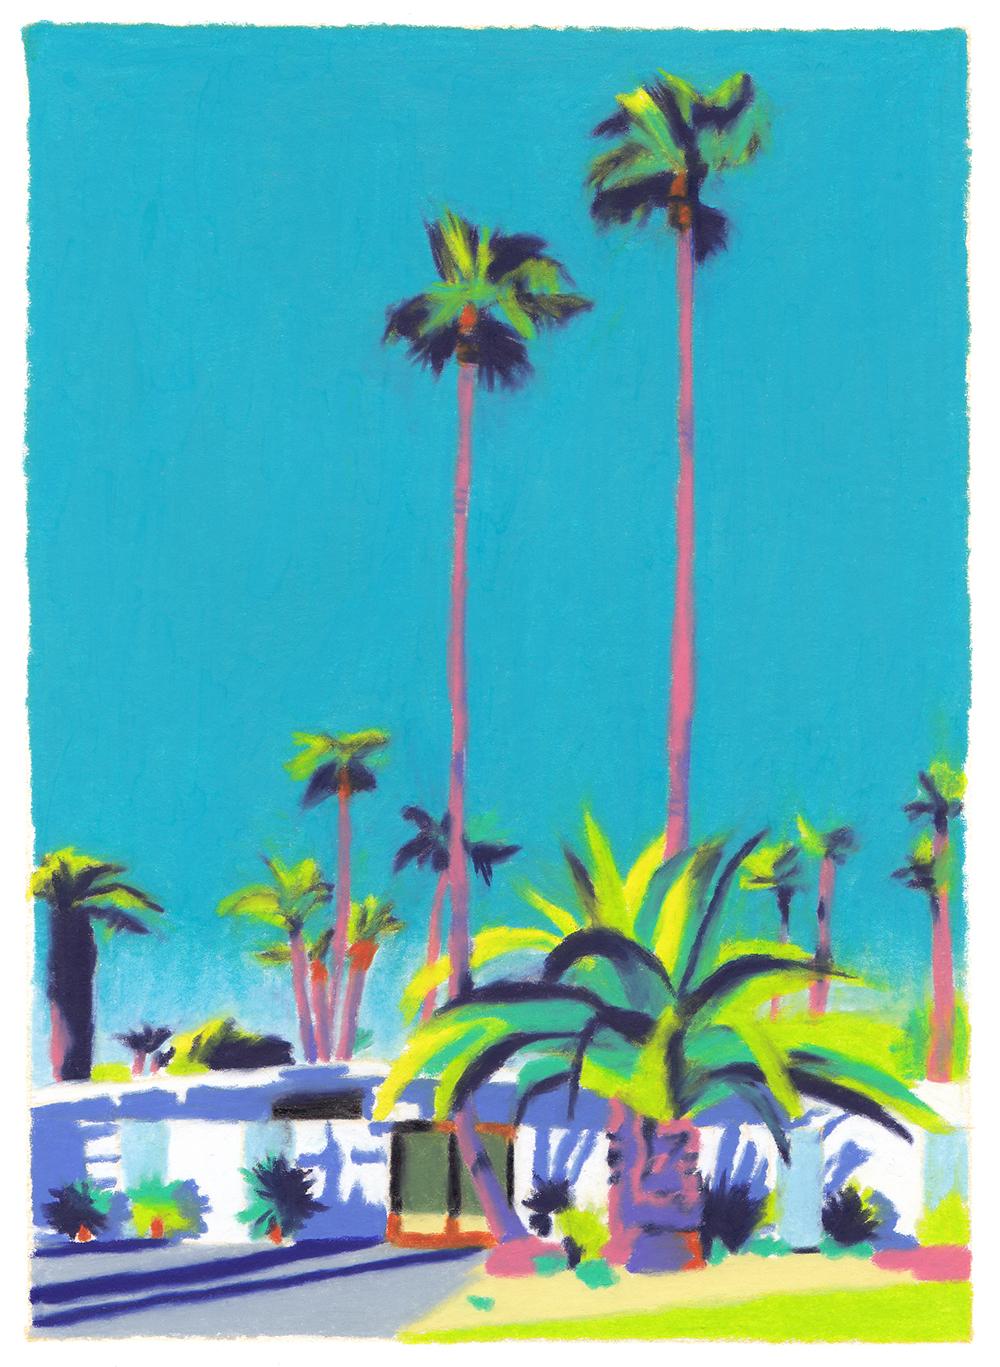 villa californienne palmiers ciel bleu